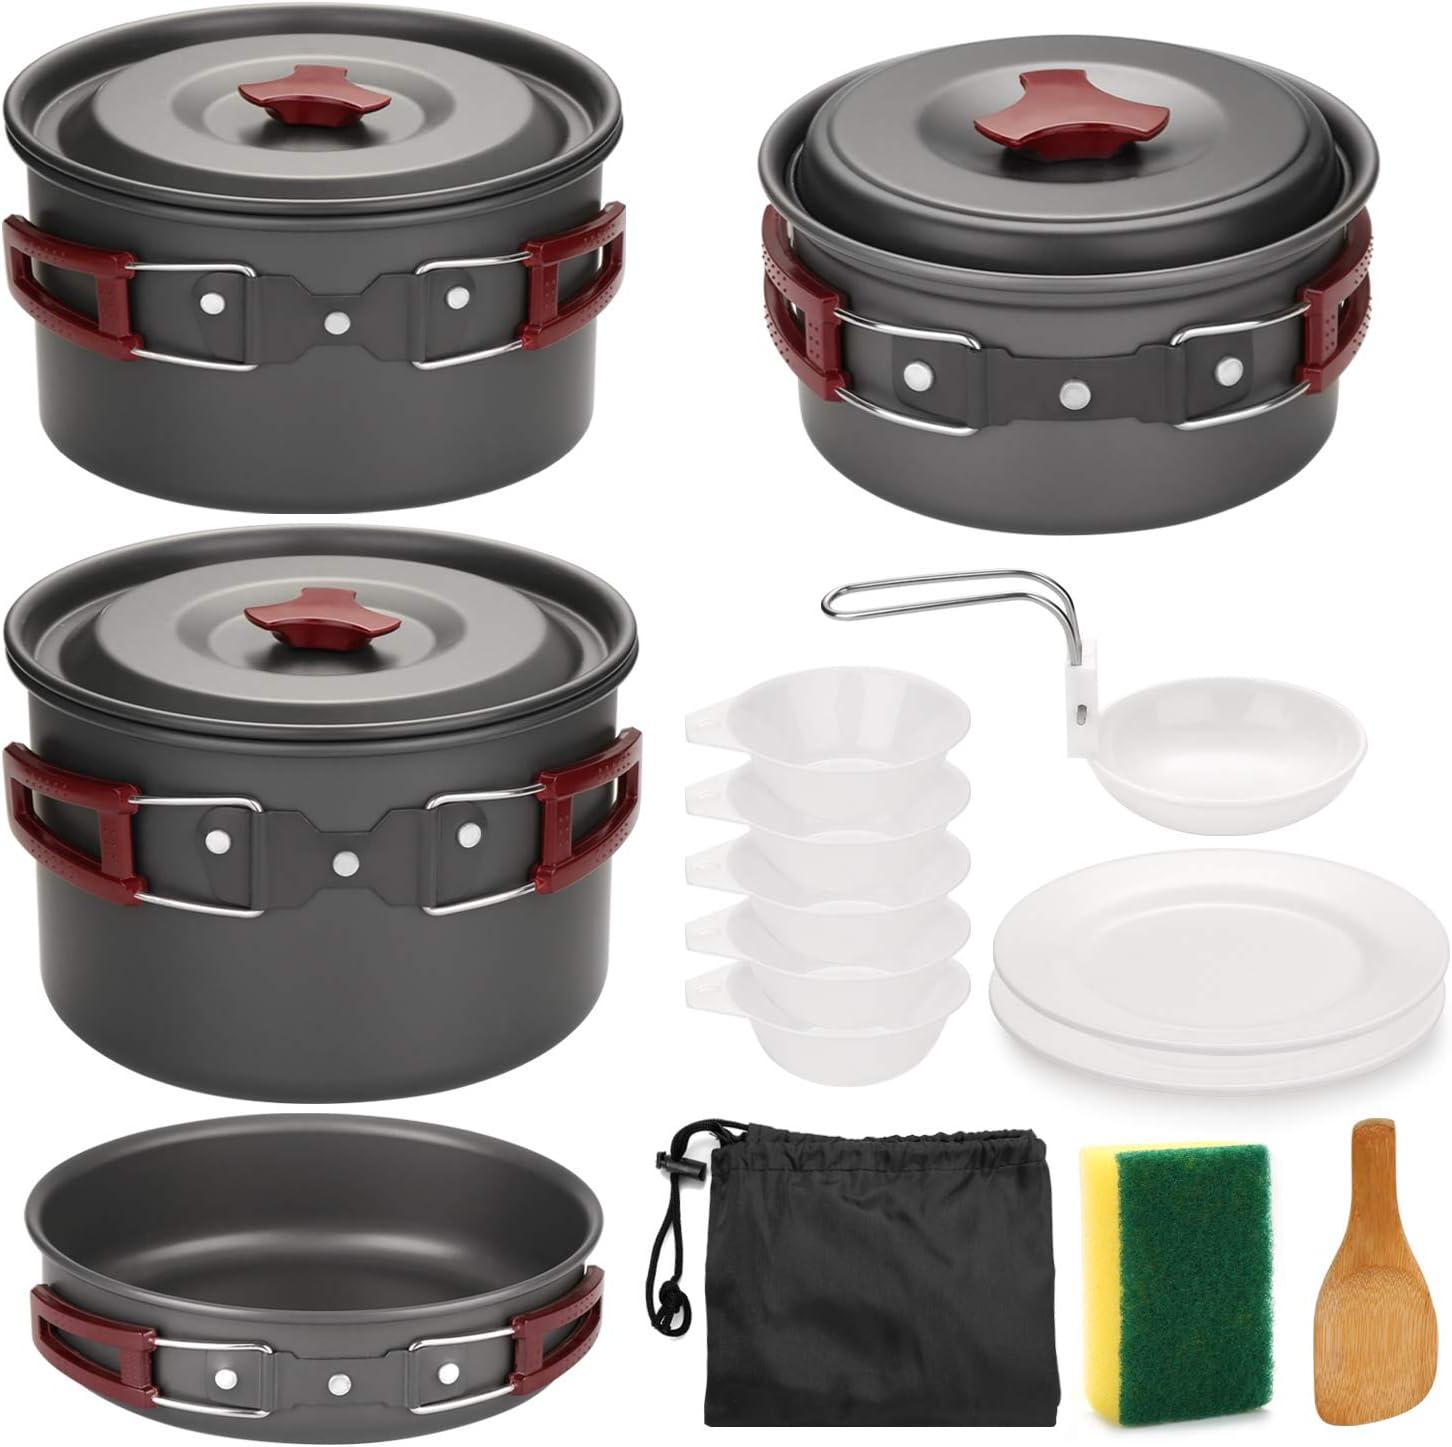 Odoland Utensilios Cocina Camping Kit 14-en-1, Portable Cooking Set con Ollas y Sartenes para Acampar, Platos, Tazones - Juego de Vajilla para Barbacoas, Camping, Escalada